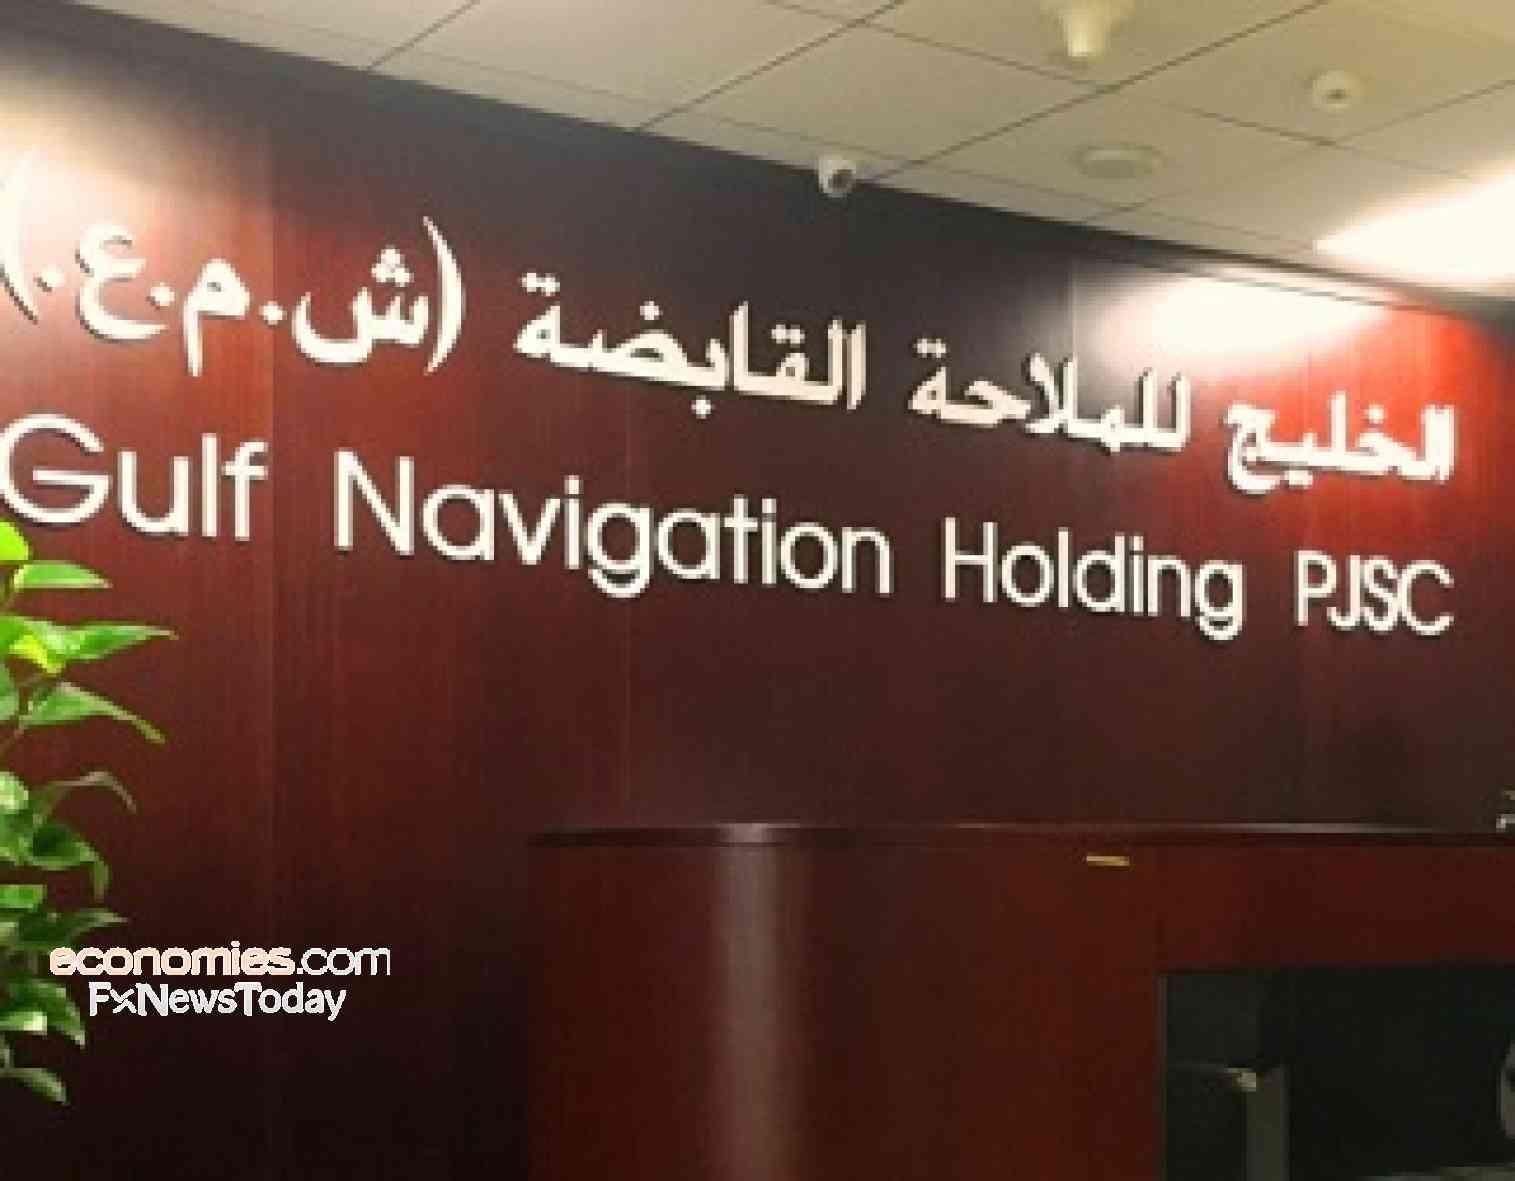 """40 مليون درهم خسائر """"الخليج للملاحة"""" في 2018"""